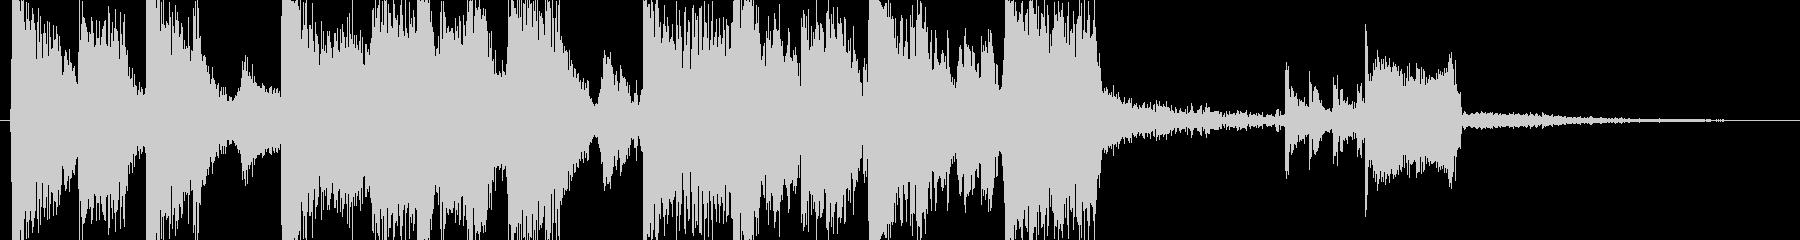 ビルドアップ・EDM・クール・盛り上がるの未再生の波形